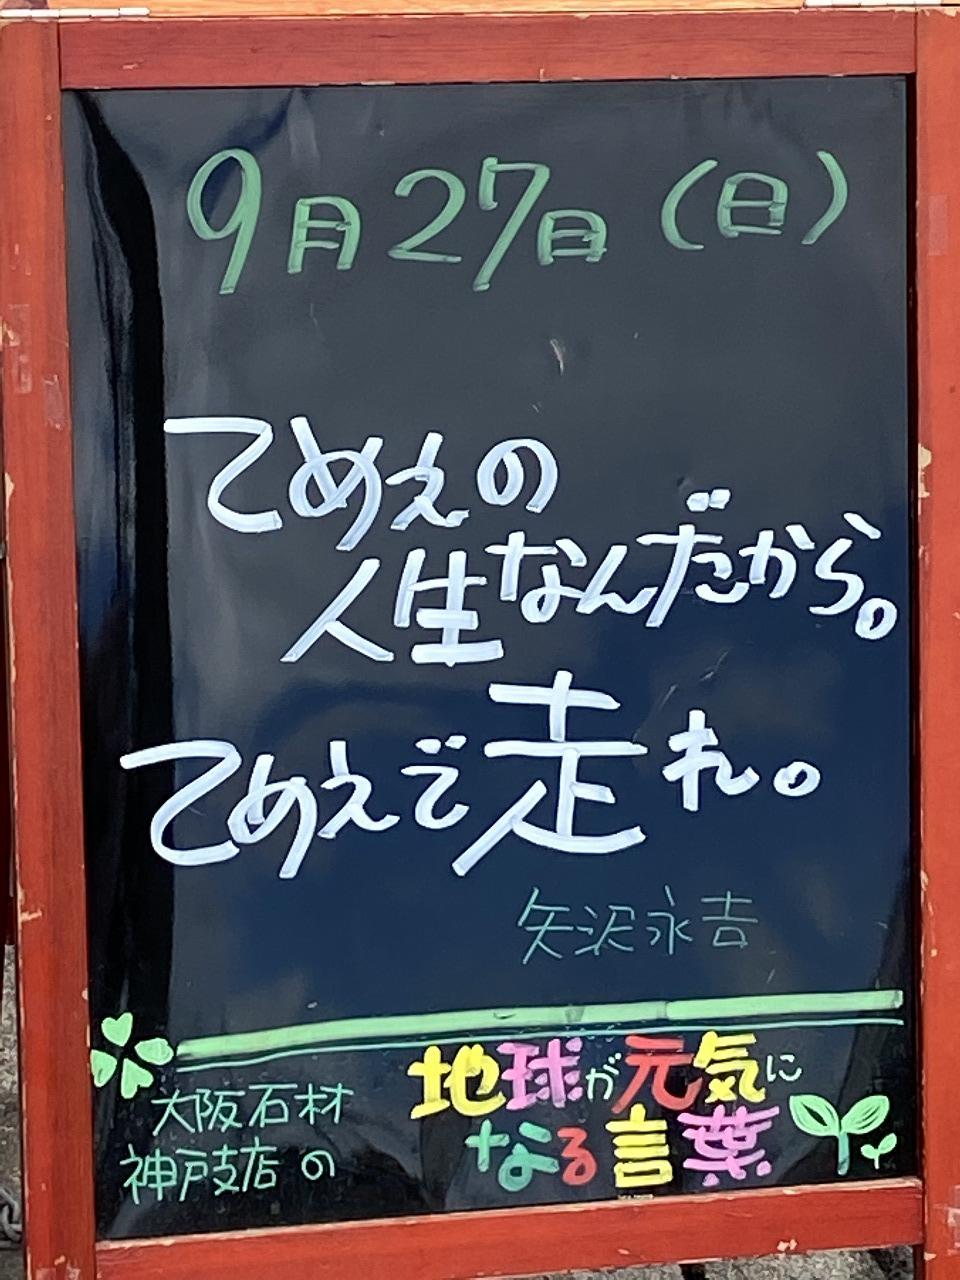 神戸の墓石店「地球が元気になる言葉」の写真 2020年9月27日